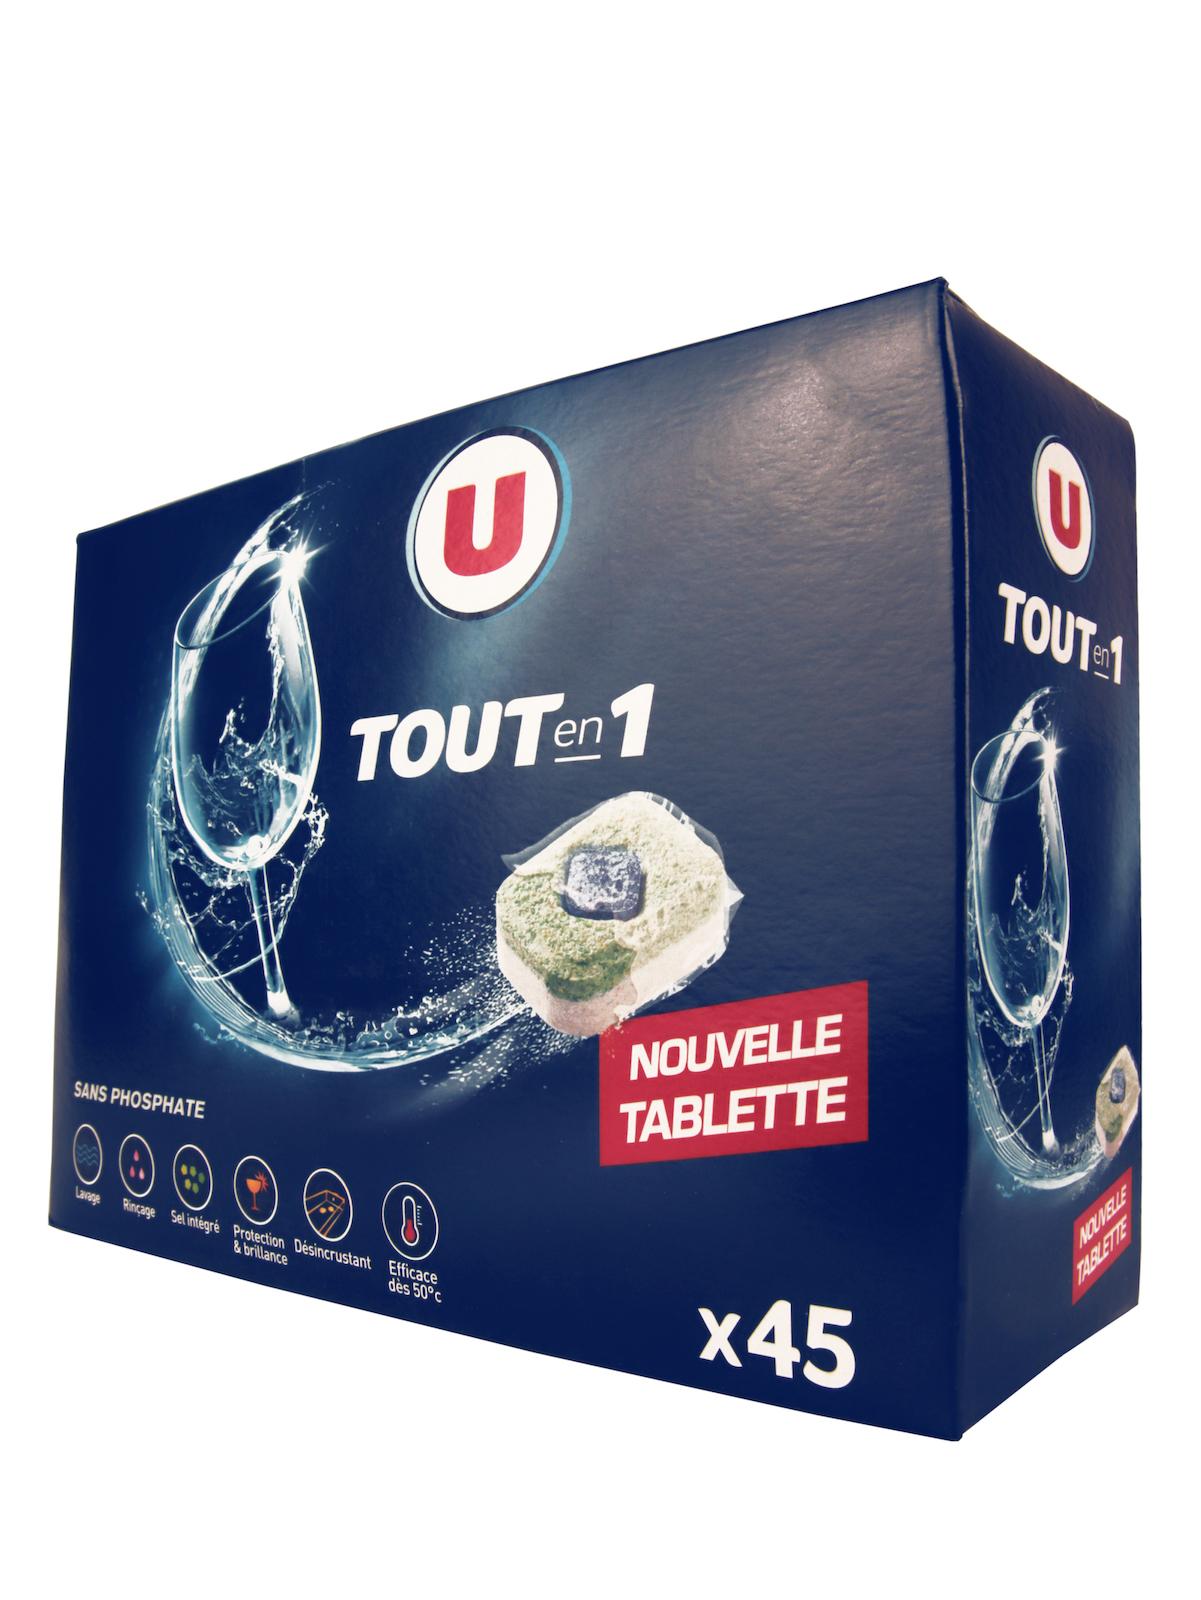 Таблетки для посудомоечной машины U Все в Одном в растворимой оболочке 45 шт Франция таблетки для посудомоечной машины purry nature с натуральной горчицей 84 шт